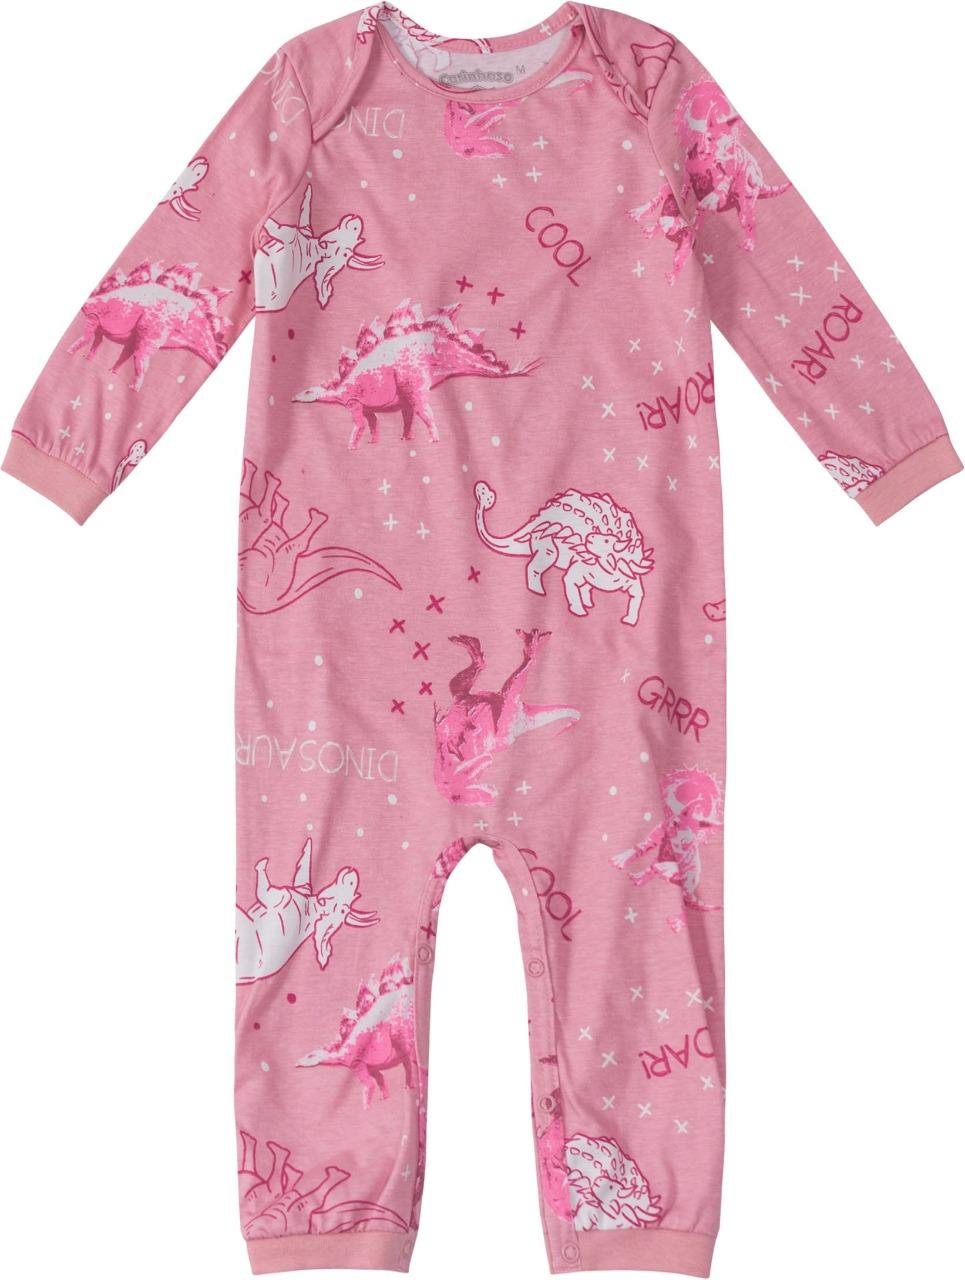 Macacão Pijama manga longa Rosé Estampado - Tam 1 a 3 anos